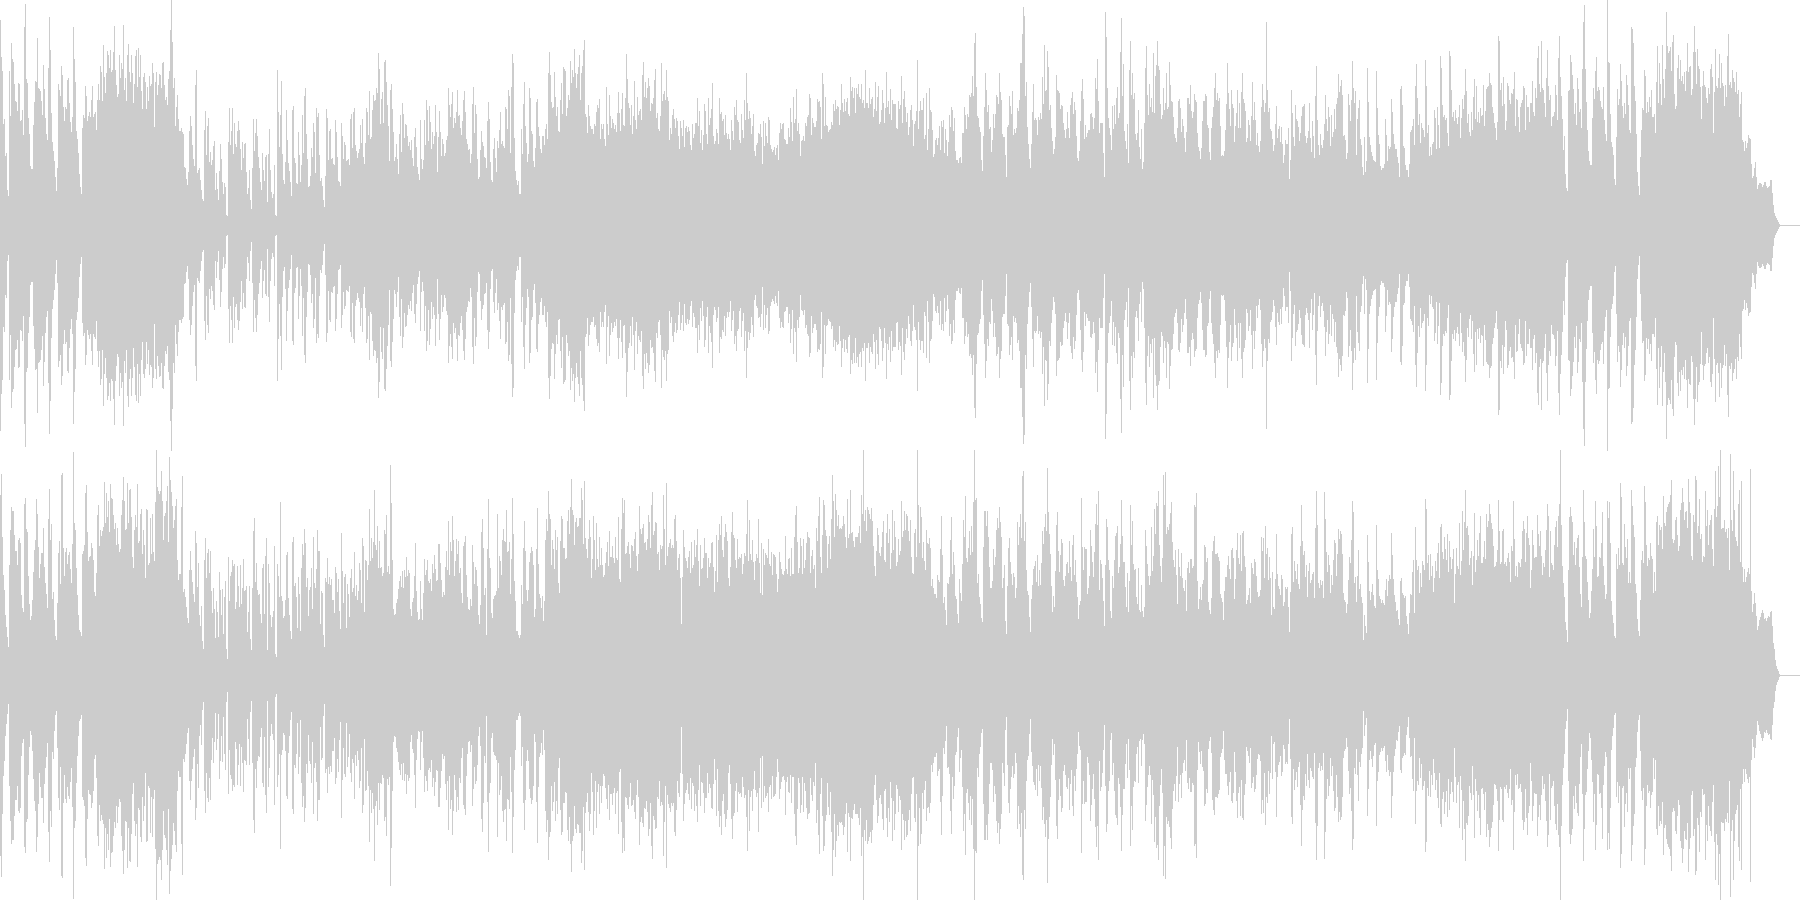 タンゴ調のバンドネオン、ピアノ協奏曲の未再生の波形